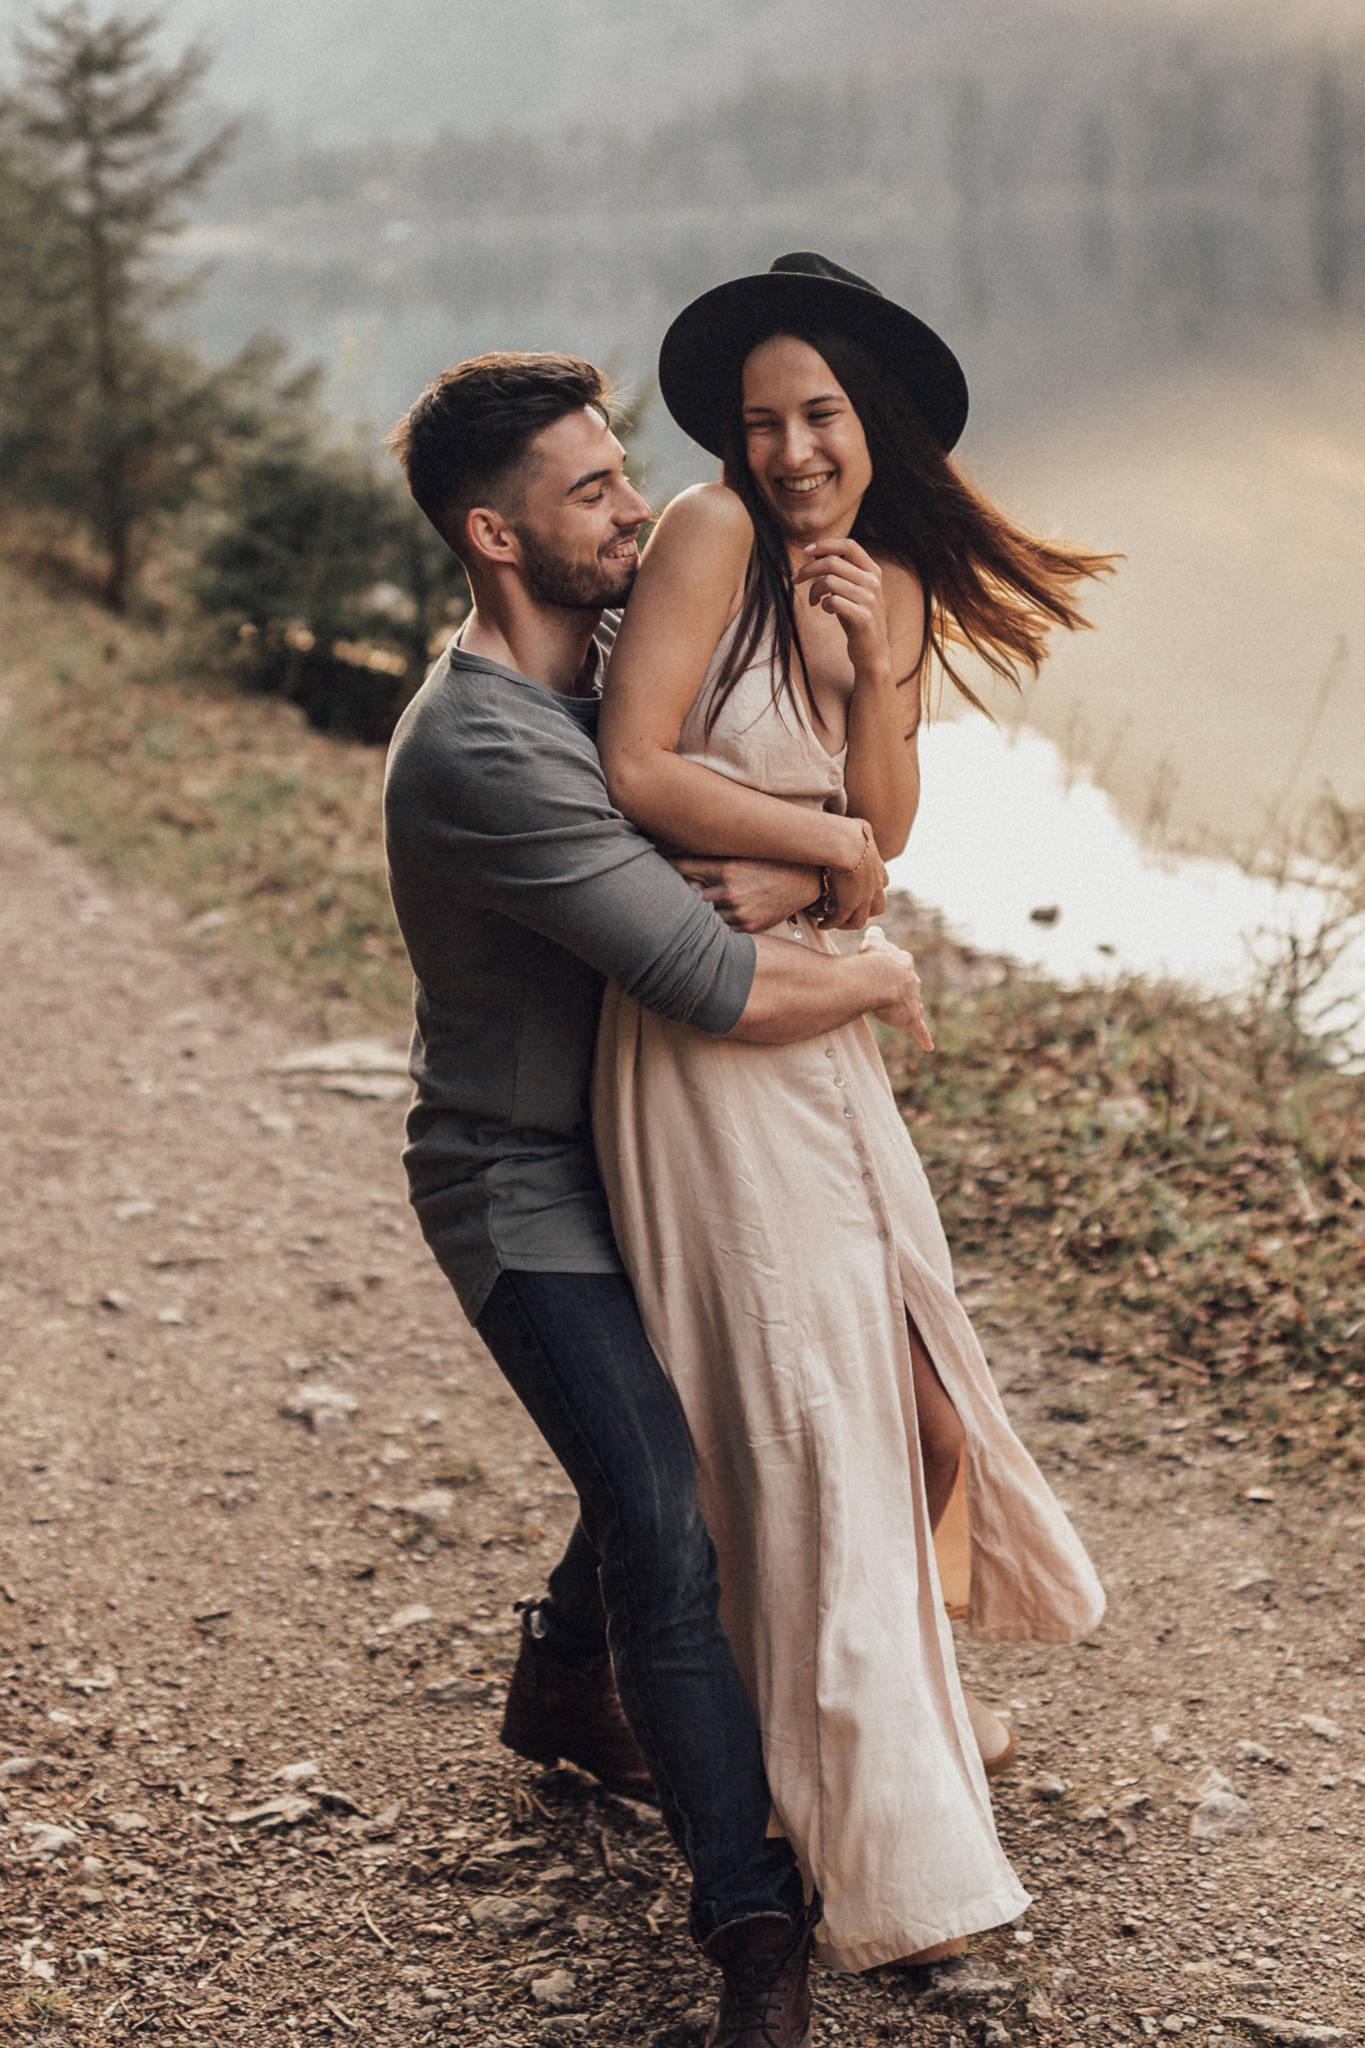 Boho Couple Shoot - Melli & Shayne